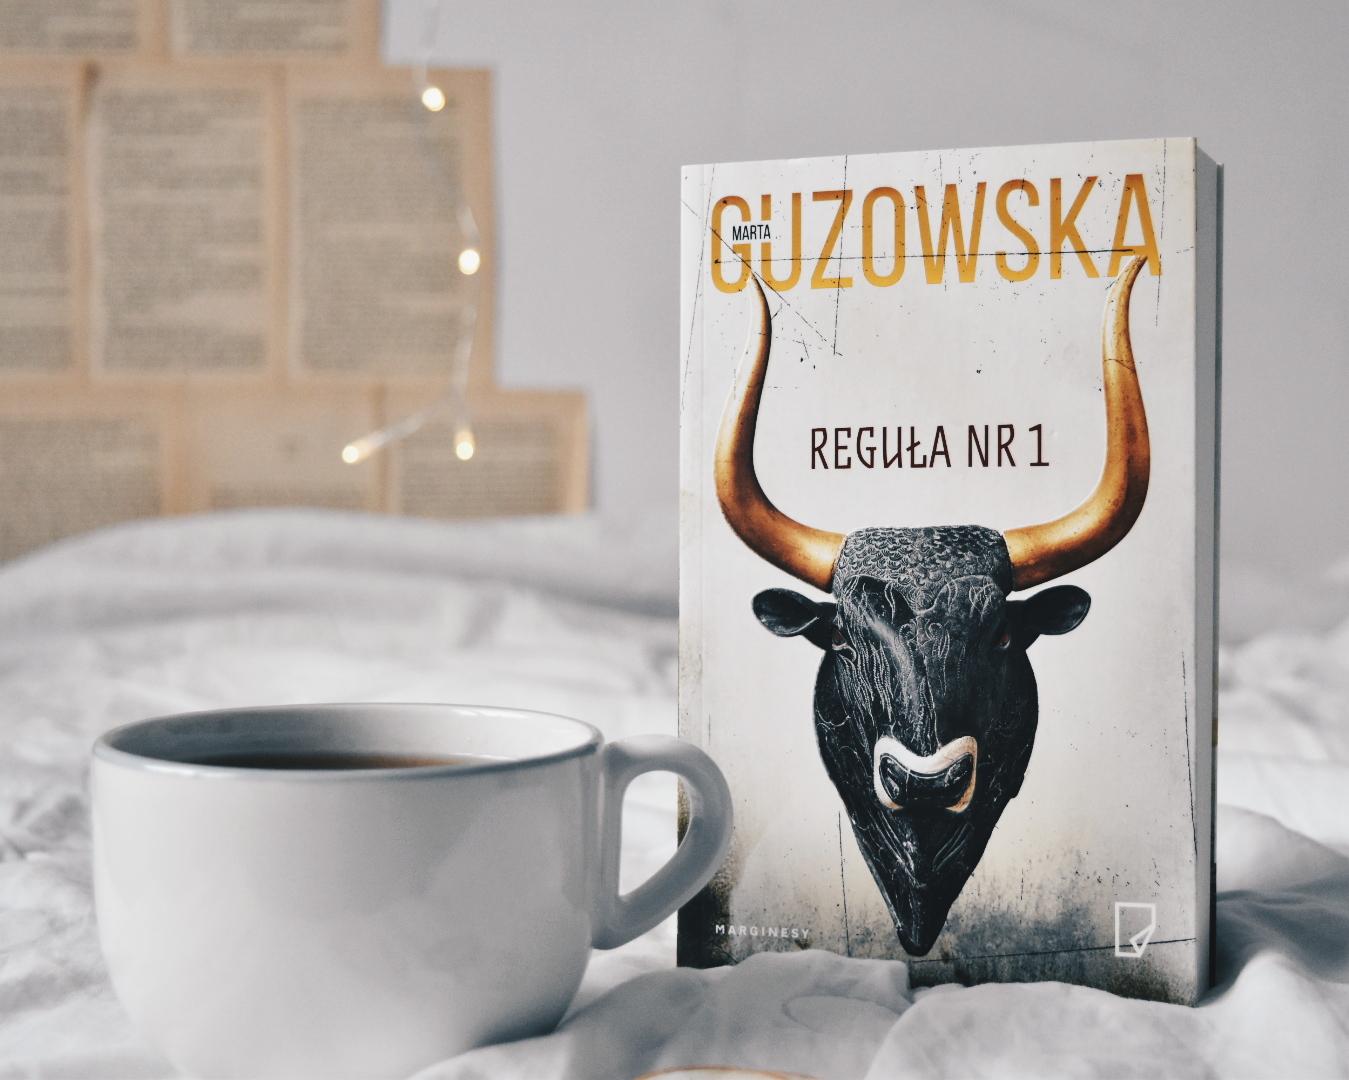 """Poznaj najważniejszą regułę dobrej złodziejki - """"Reguła nr 1"""" Marta Guzowska"""